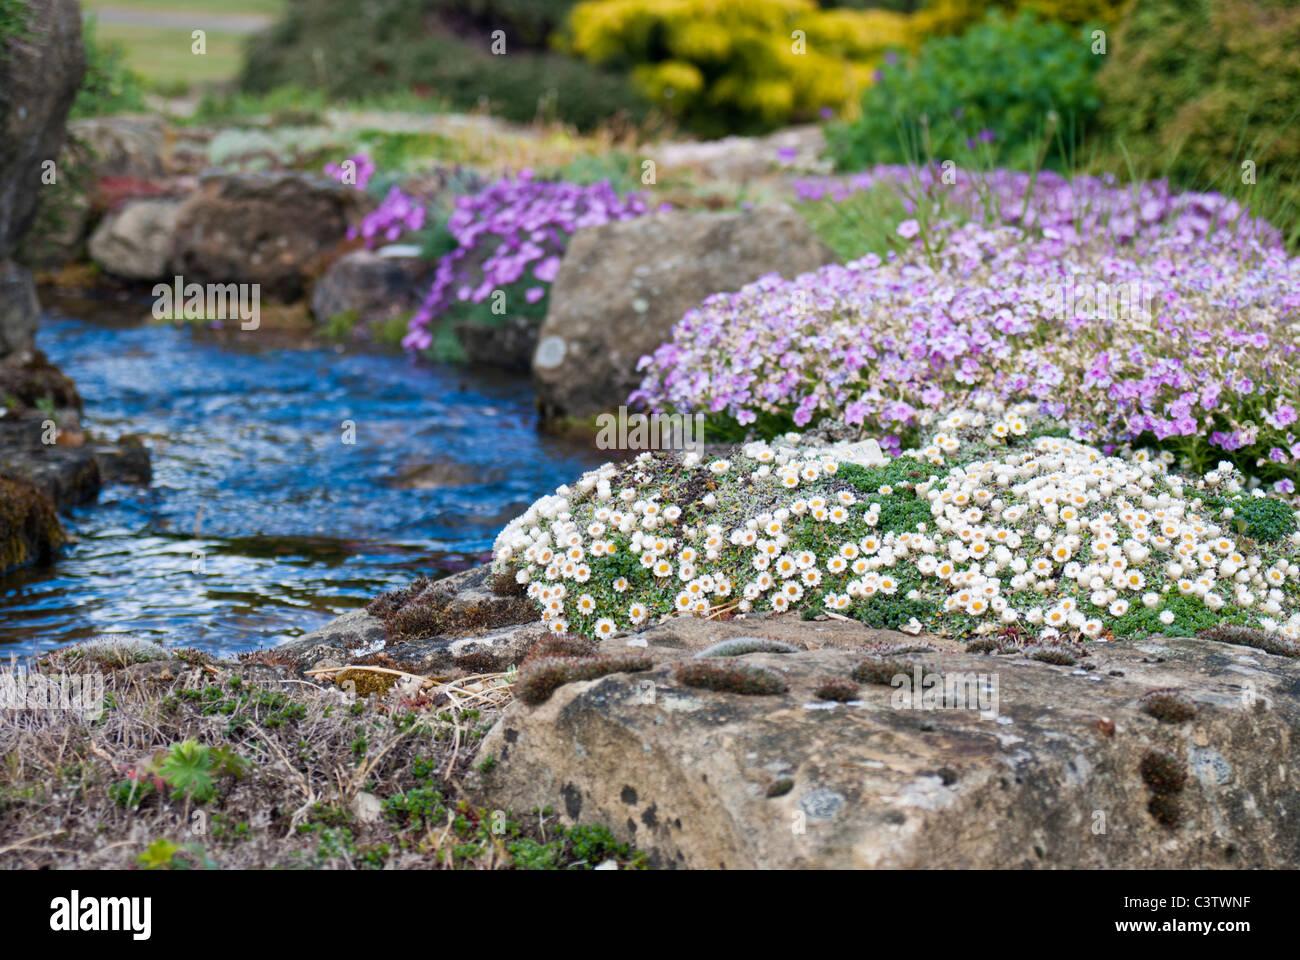 Alpine Steingarten mit Wasserspiel Stockfoto, Bild: 36811755 - Alamy